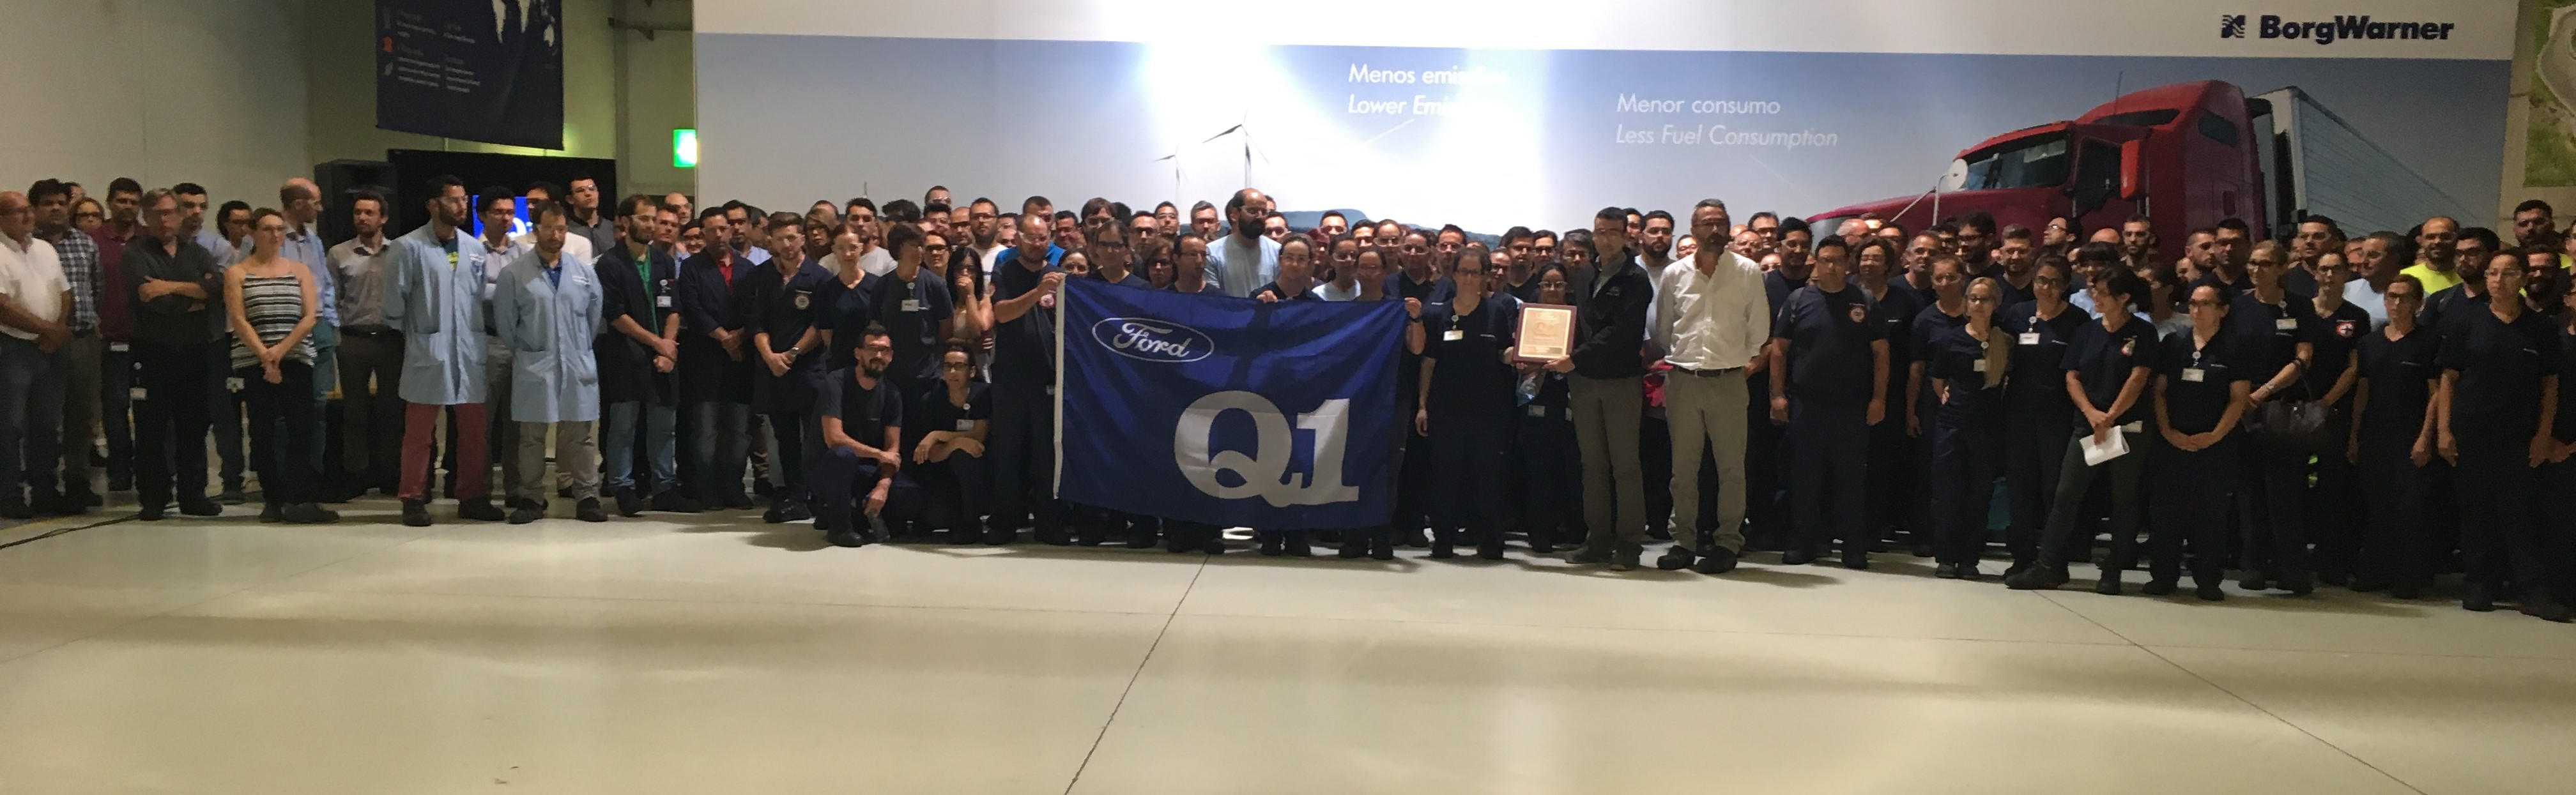 Viana Q1 Award